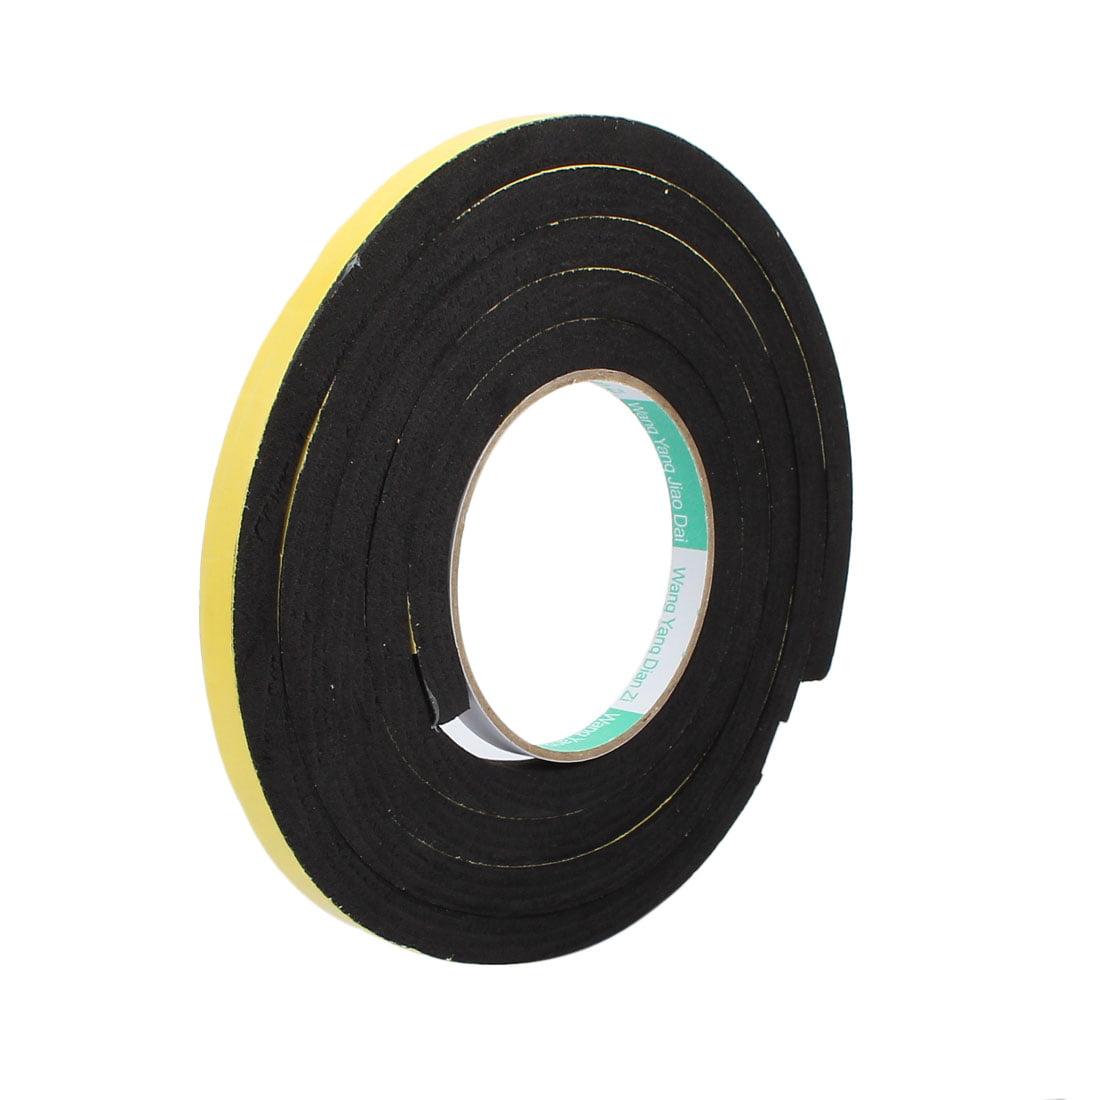 10mm Width 10mm Thickness Single Side Shockproof Sponge Foam Tape 2M Length - image 3 de 3